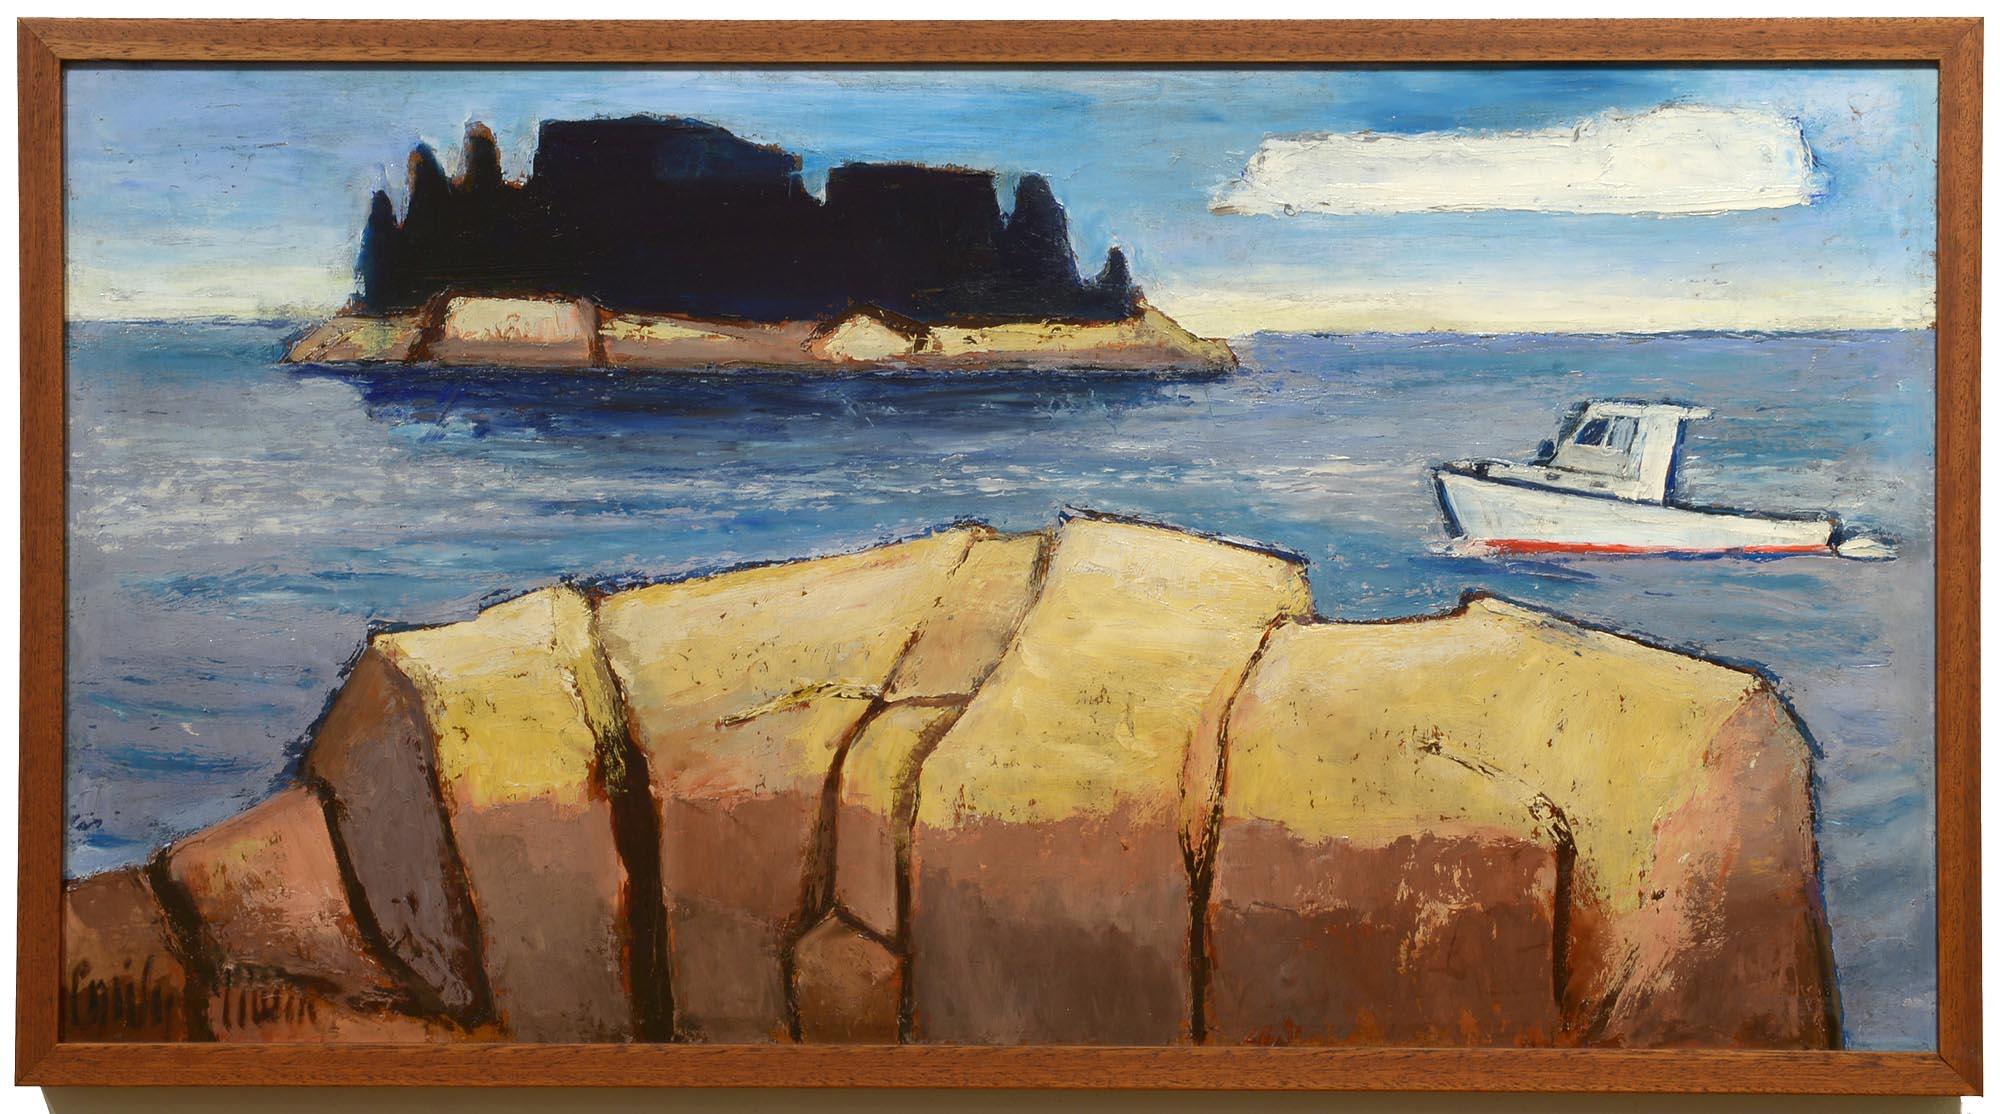 Emily Muir Fox Island framed